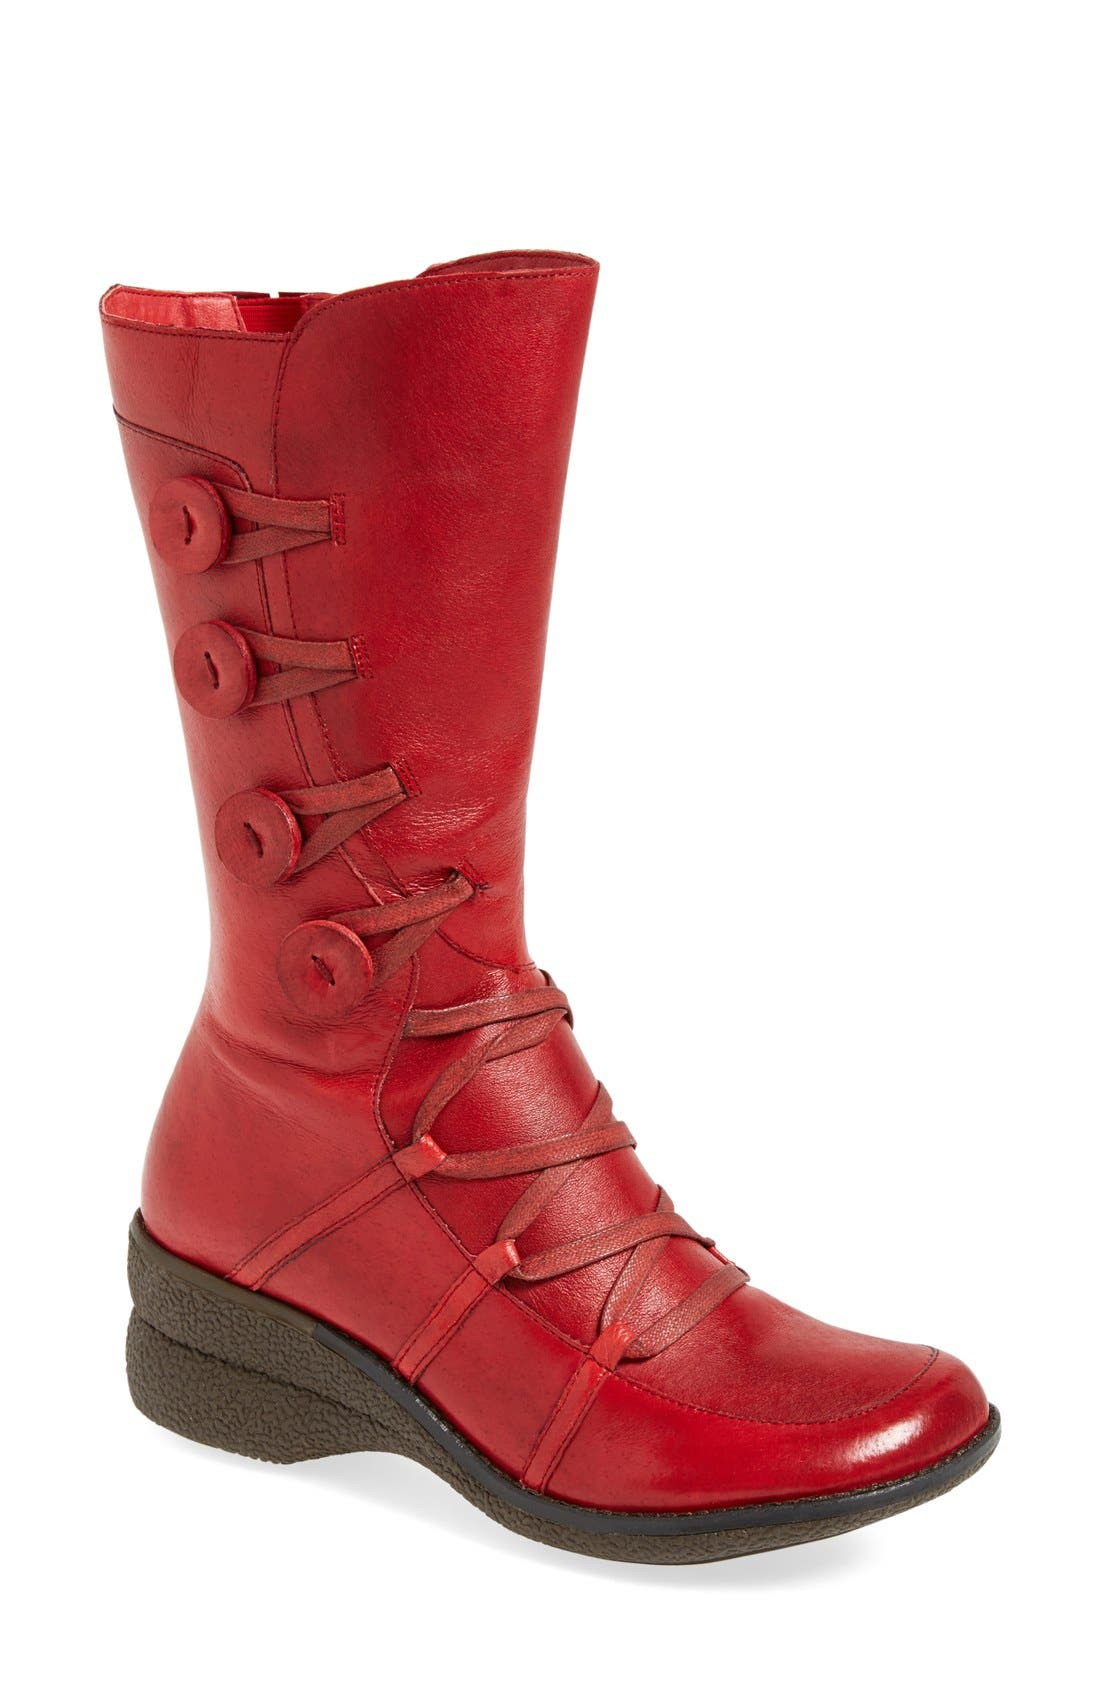 Alternate Image 1 Selected - MizMooz 'Olsen' Boot (Women)